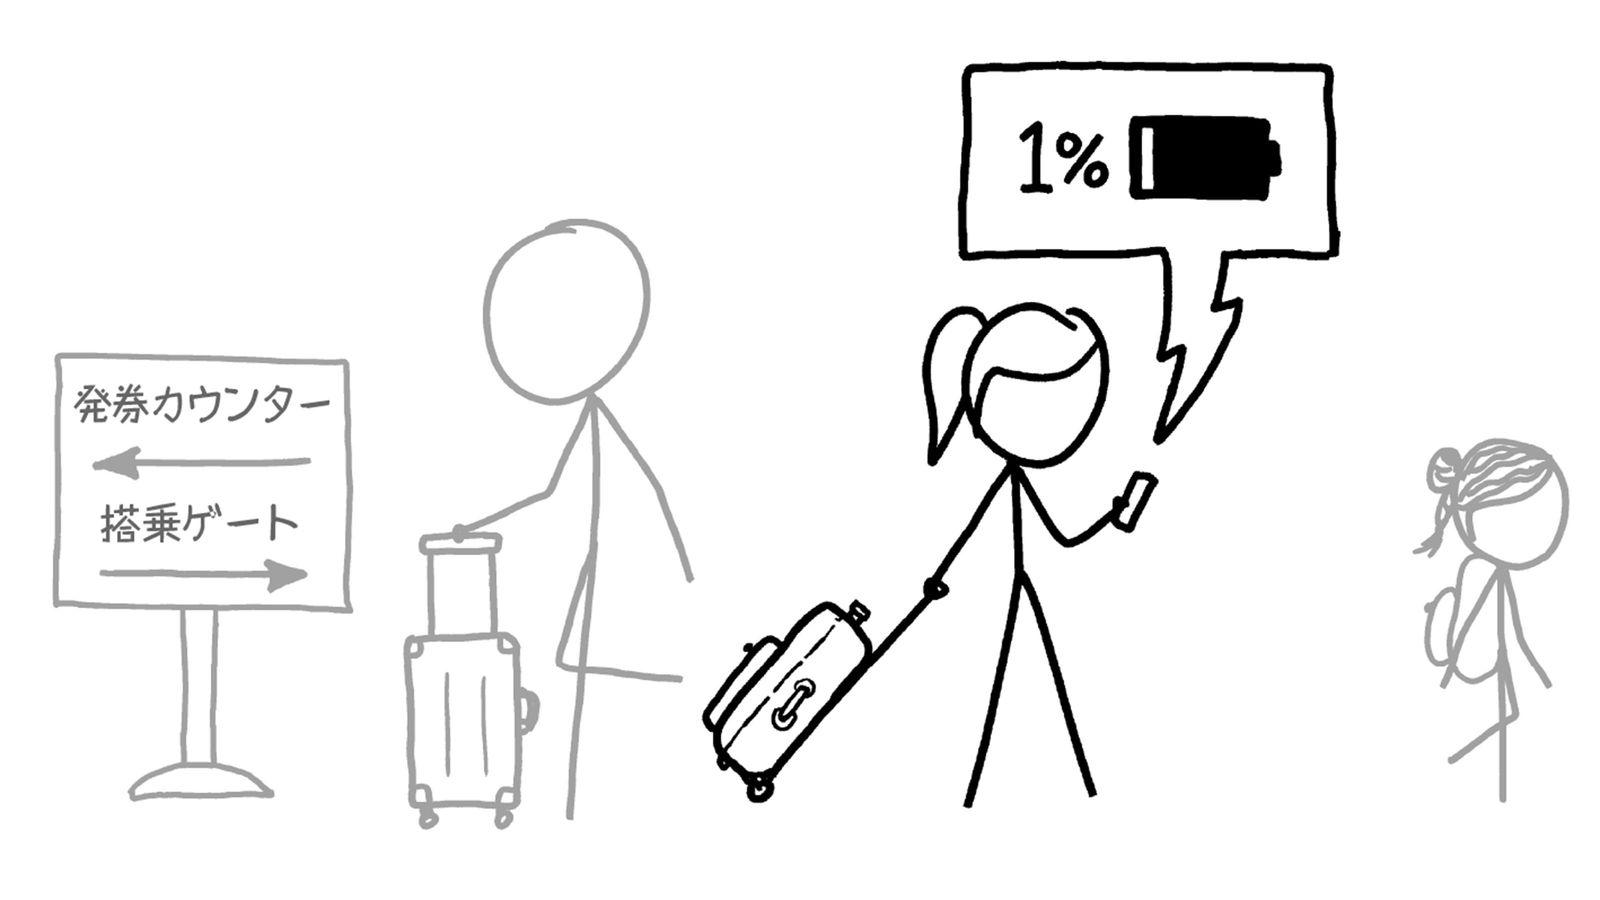 NASA技術者が考える「困った時のスマホ充電法」 コンセントなしでも充電はできる